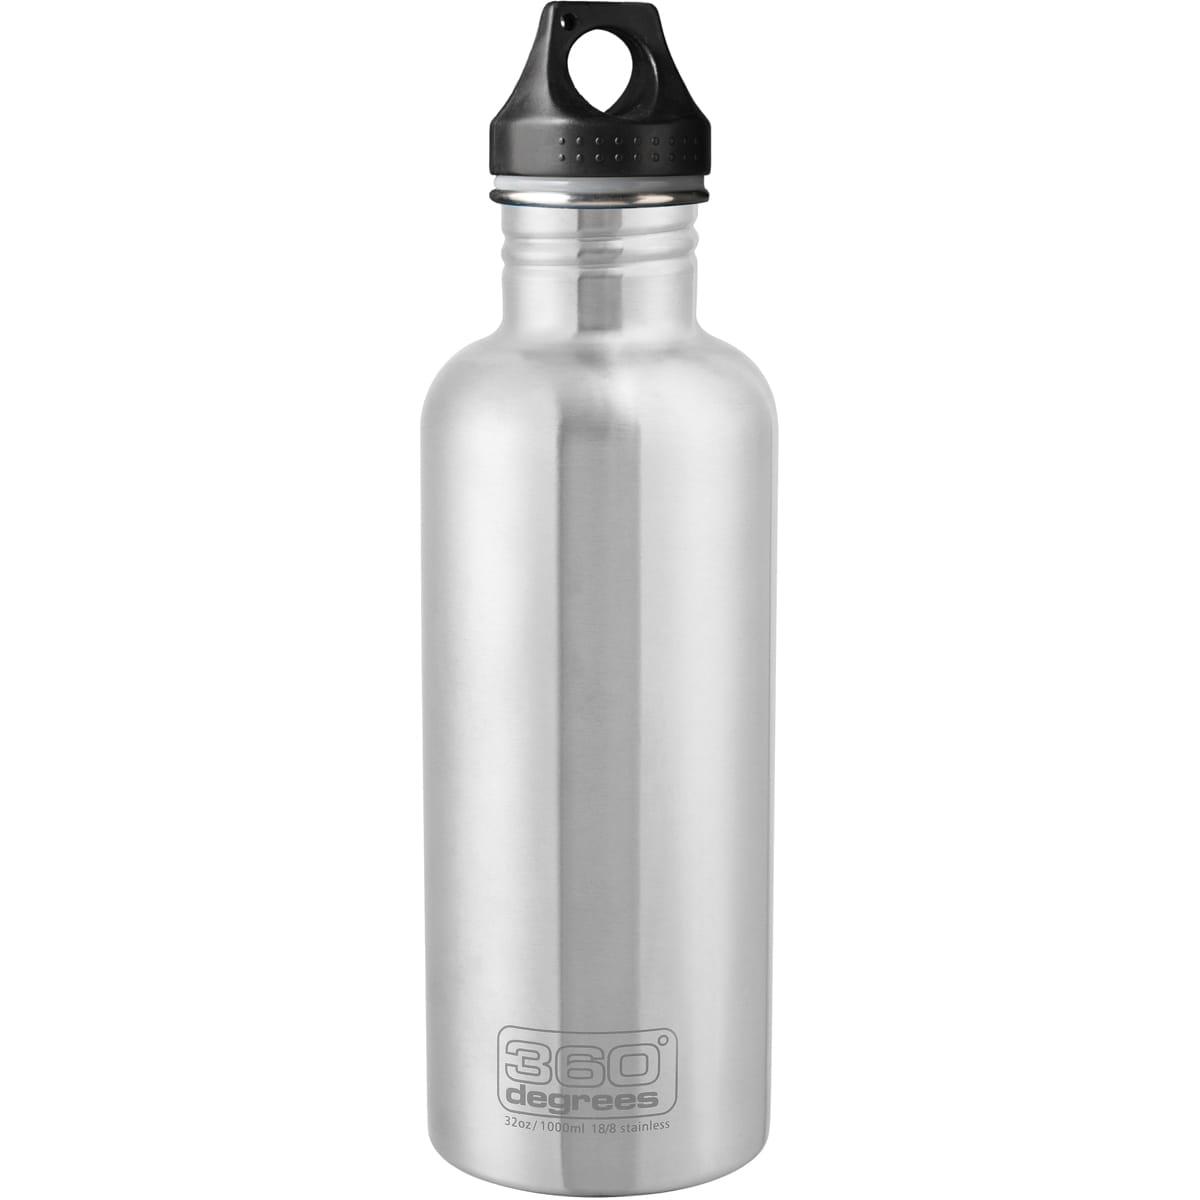 360° degrees Stainless Drink Bottle - 1000 ml - Trinkflasche silver - Bild 1